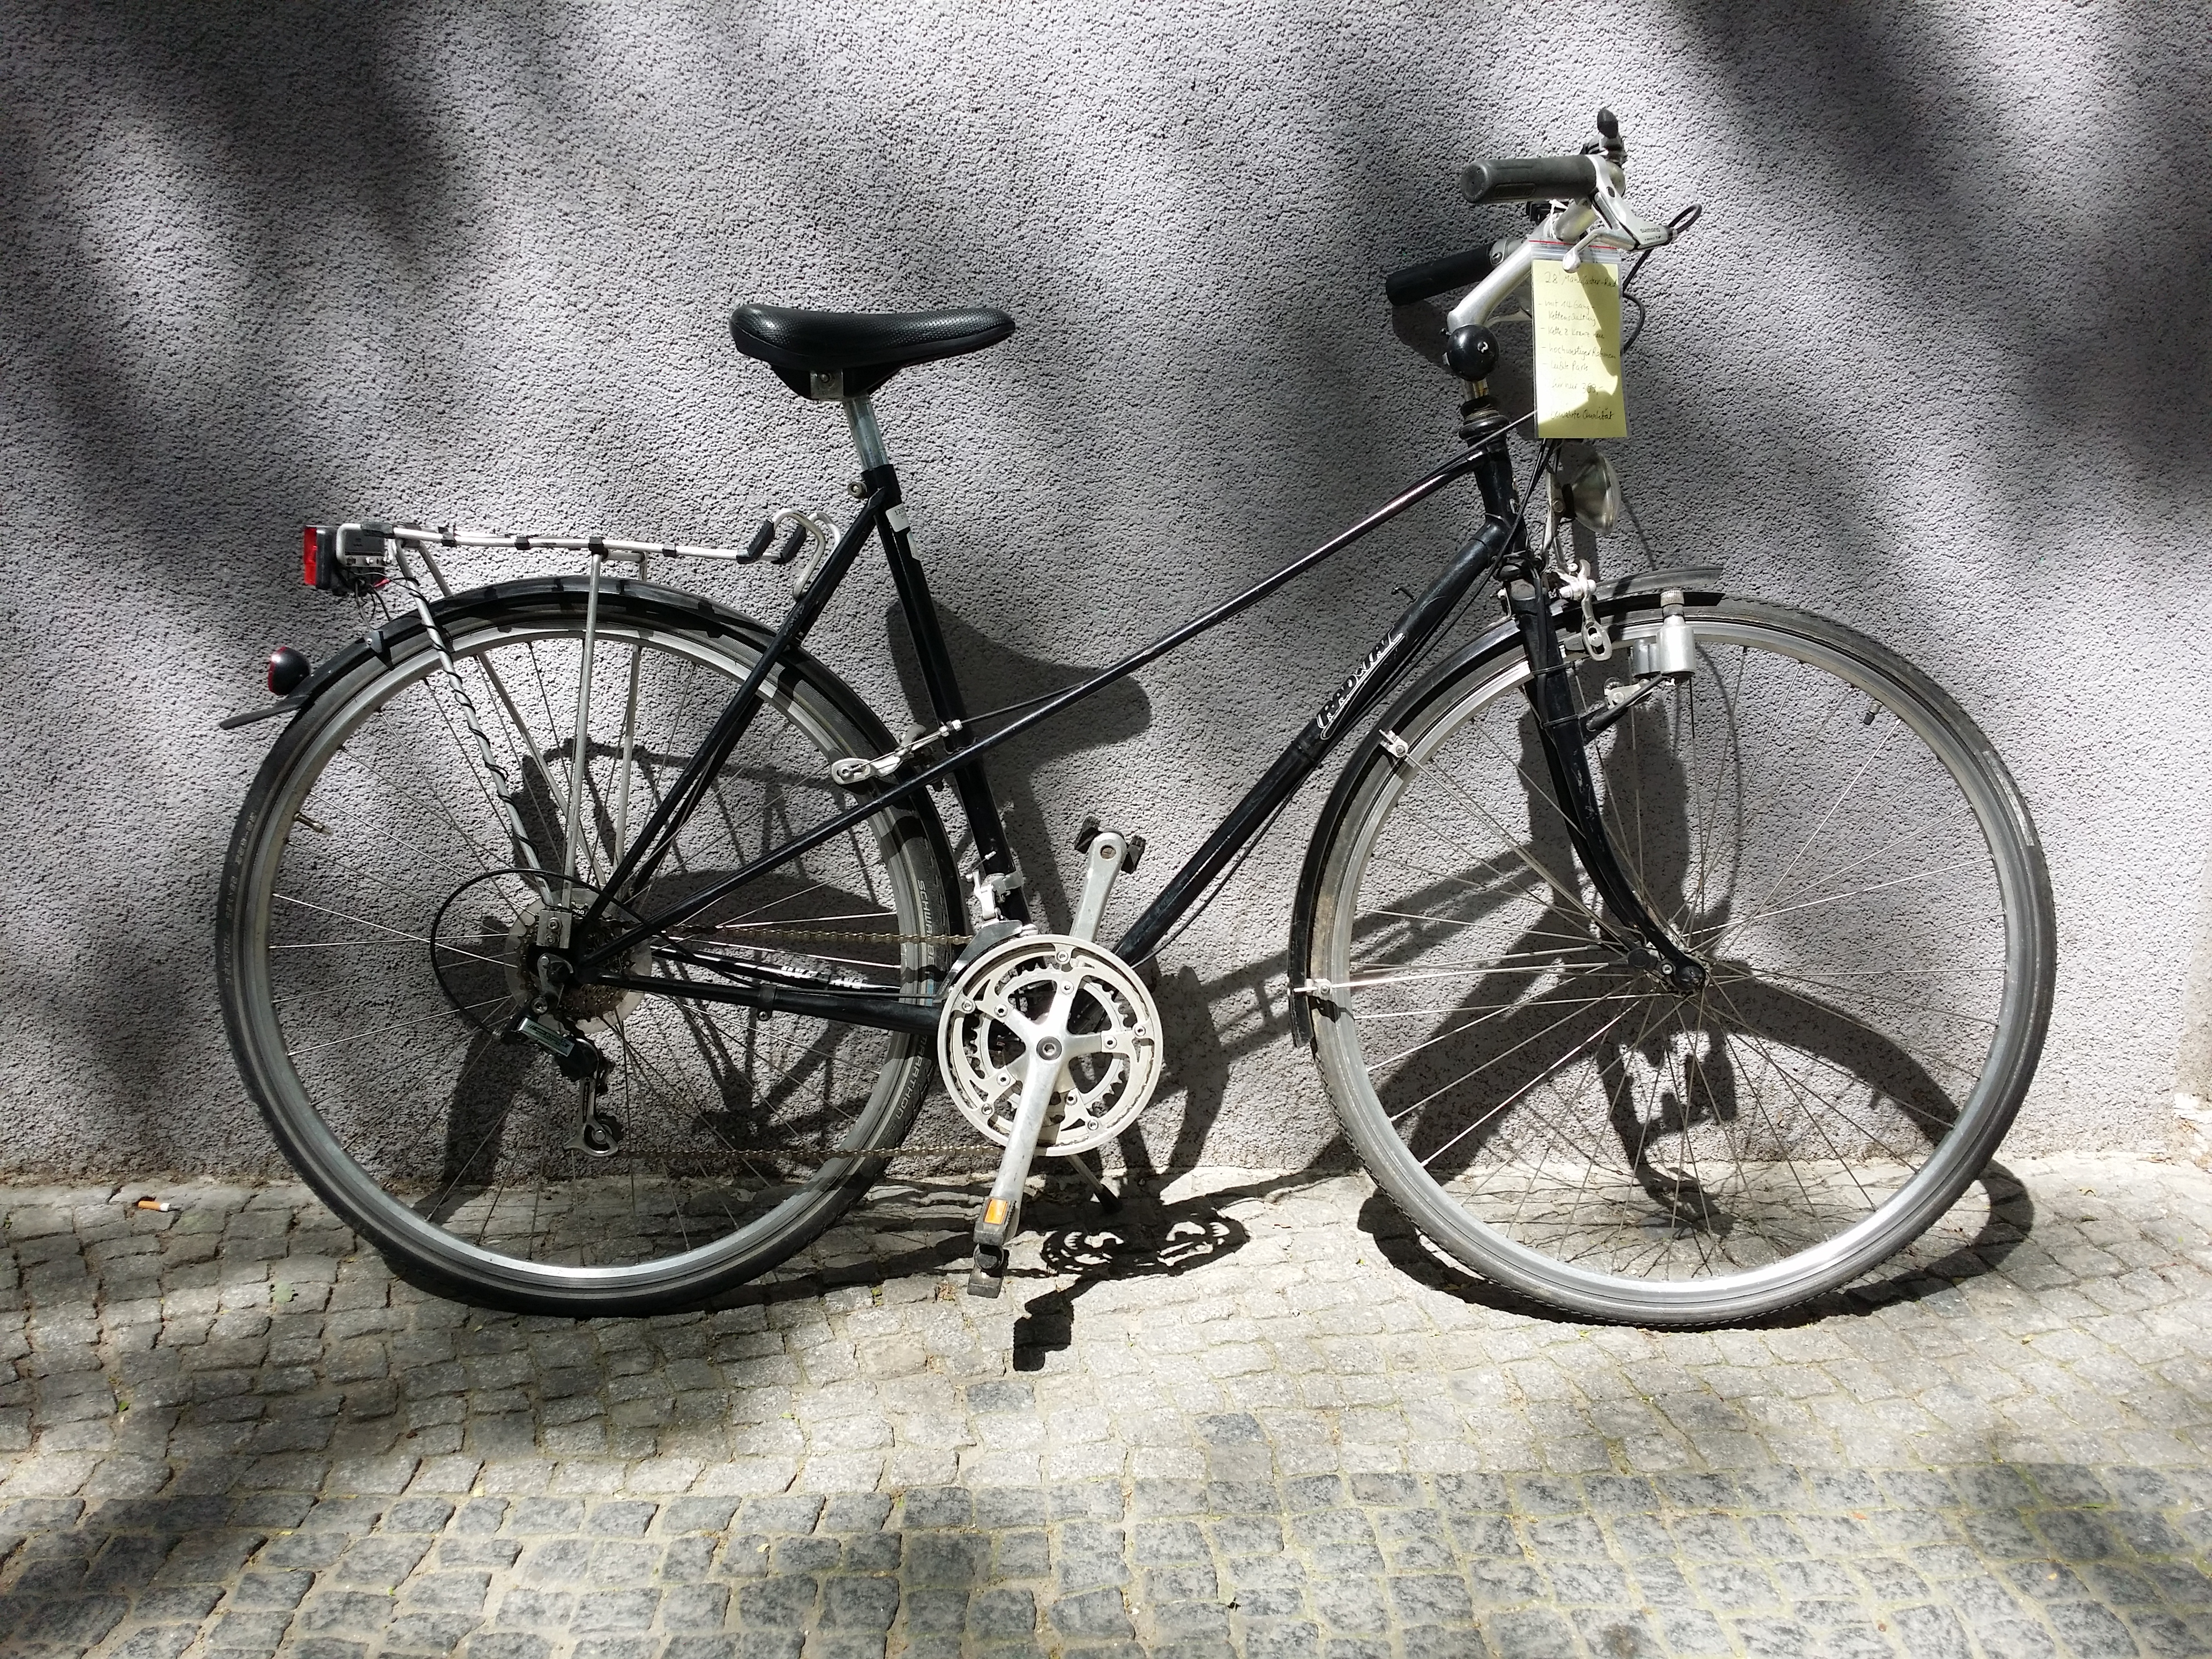 gebrauchtes Damenrad von der Fahrradmanufaktur